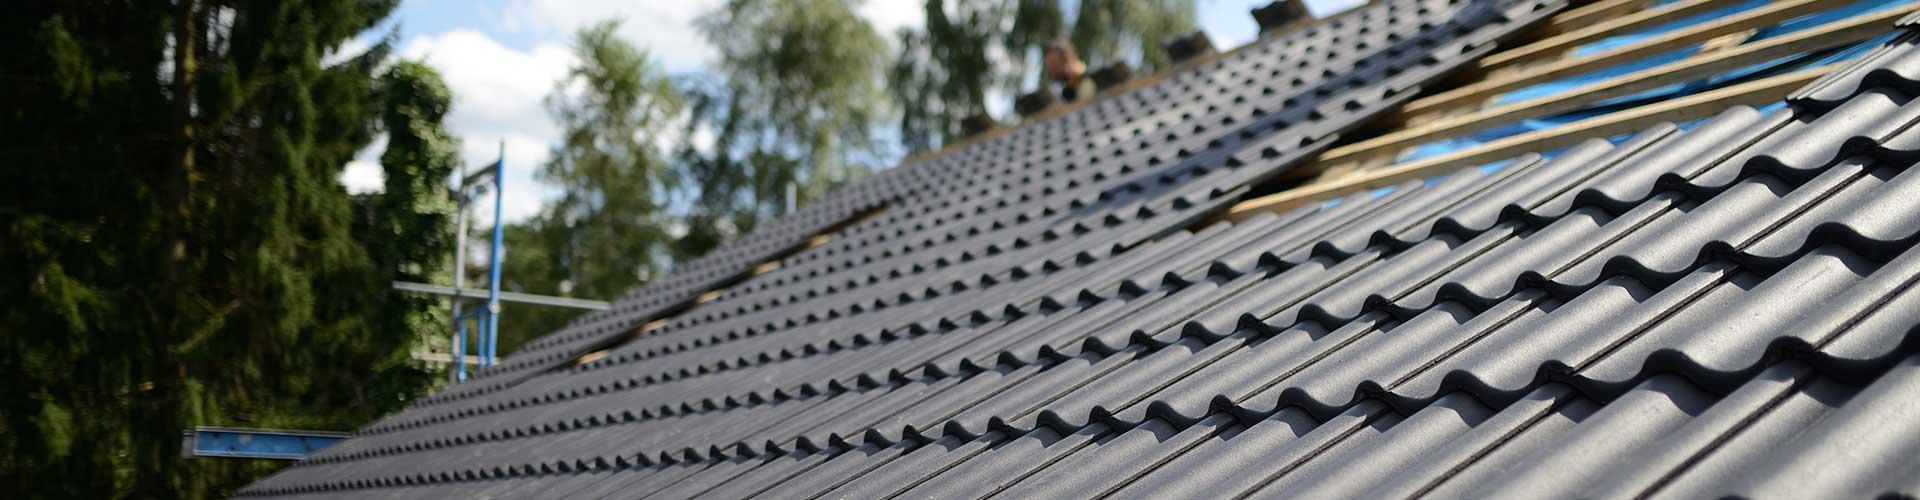 Travaux d'étanchéité et entretien toiture